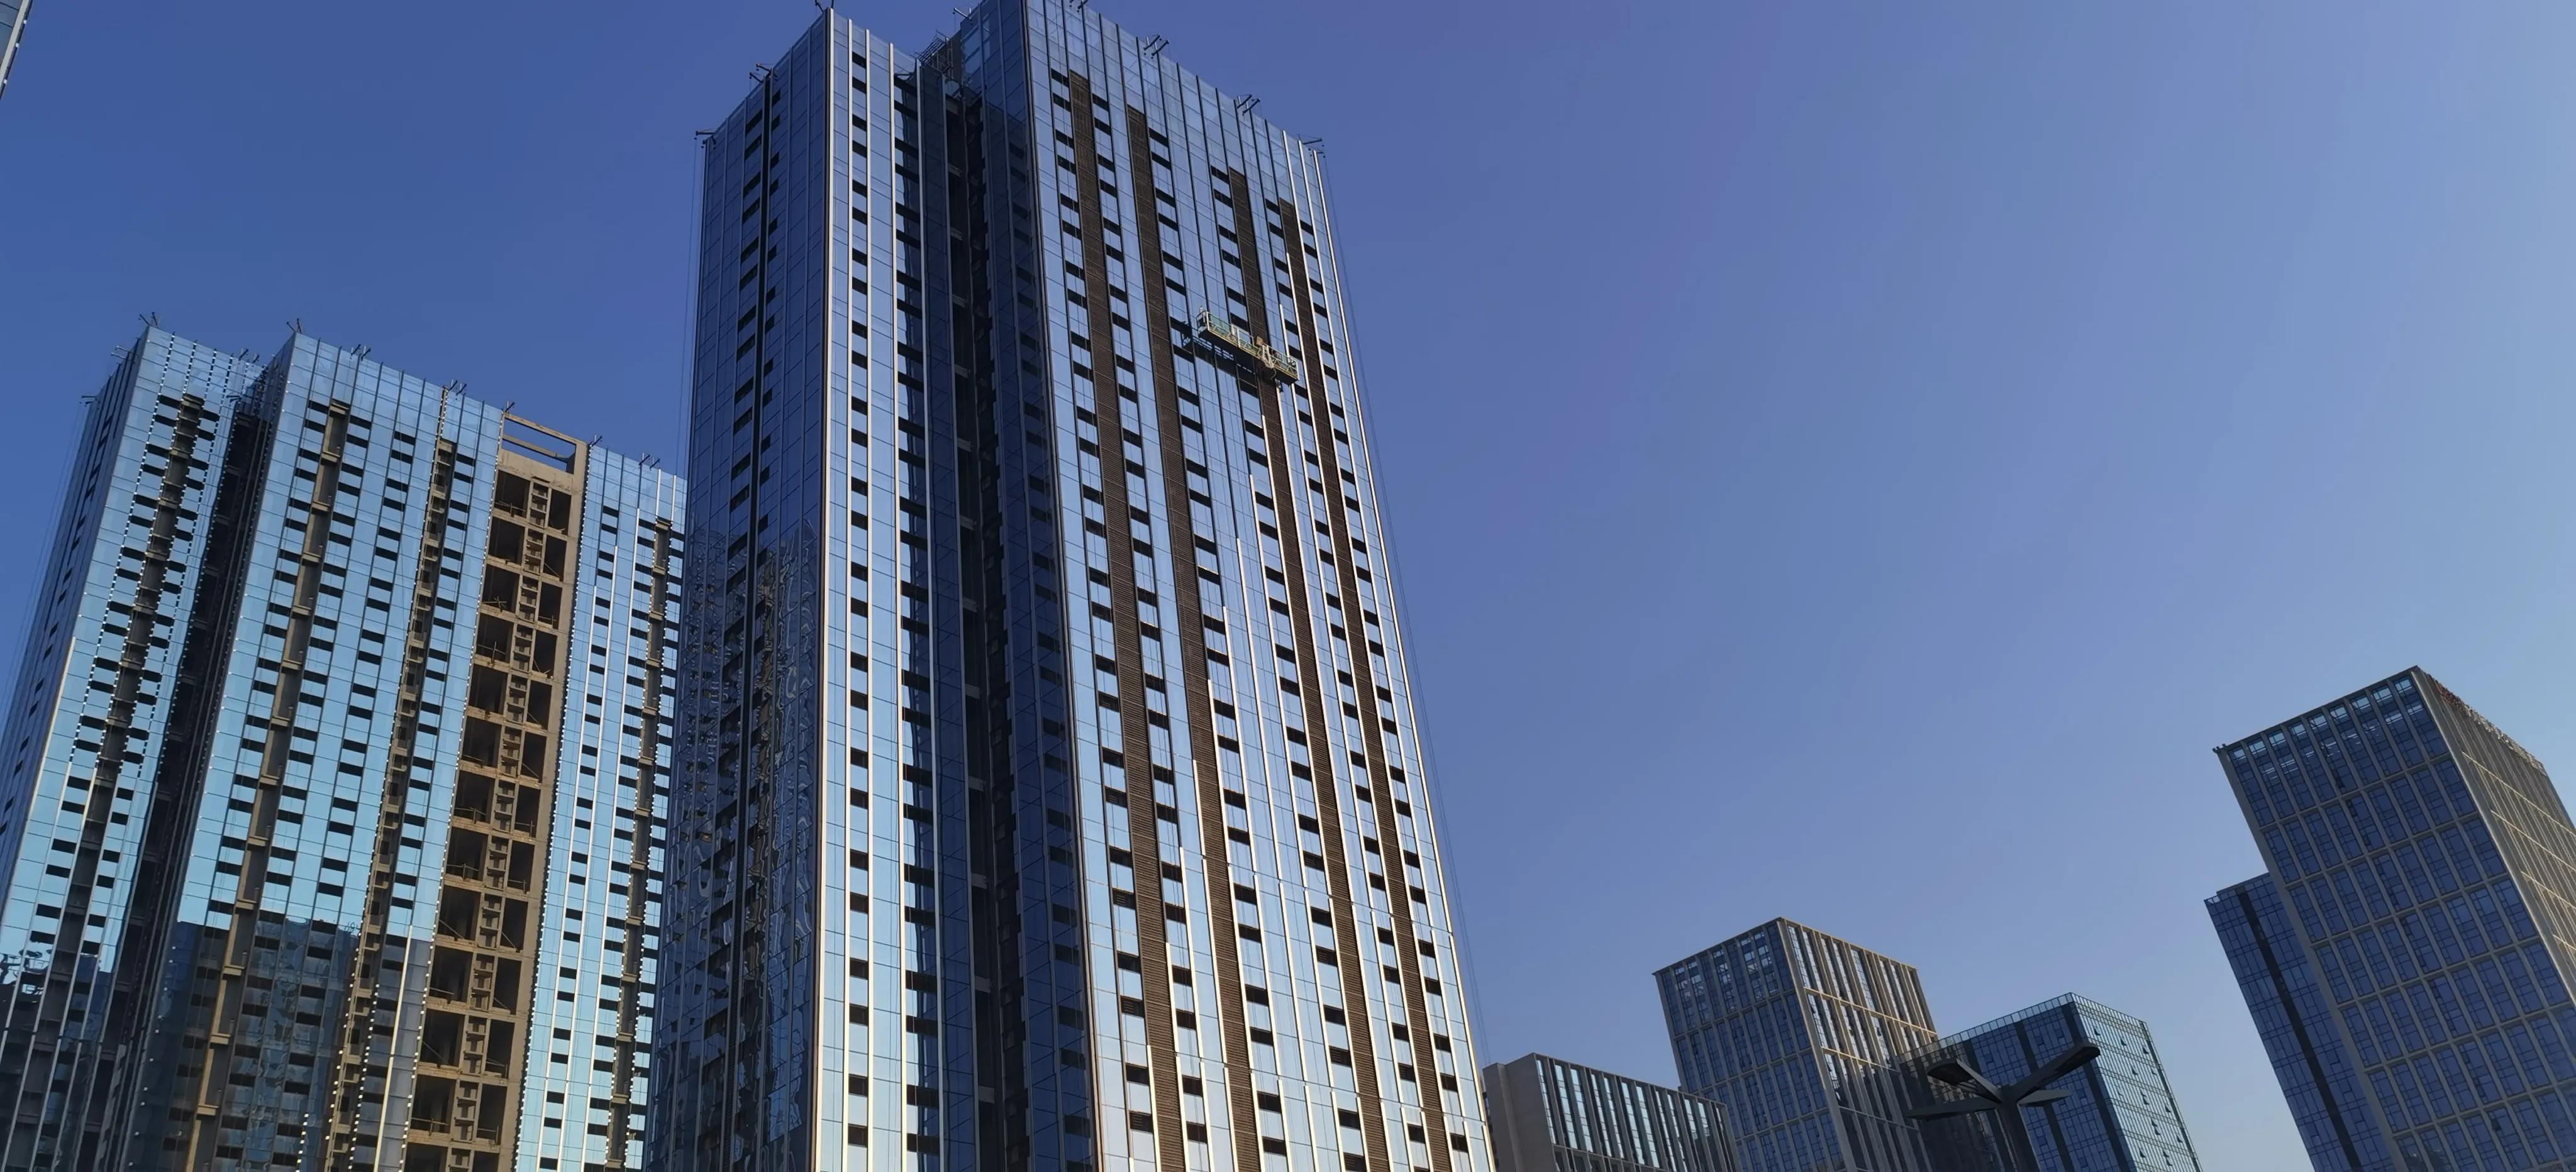 建筑风水学者曾祥裕点评赣州市区新出现最密集的玻璃幕墙高楼区域